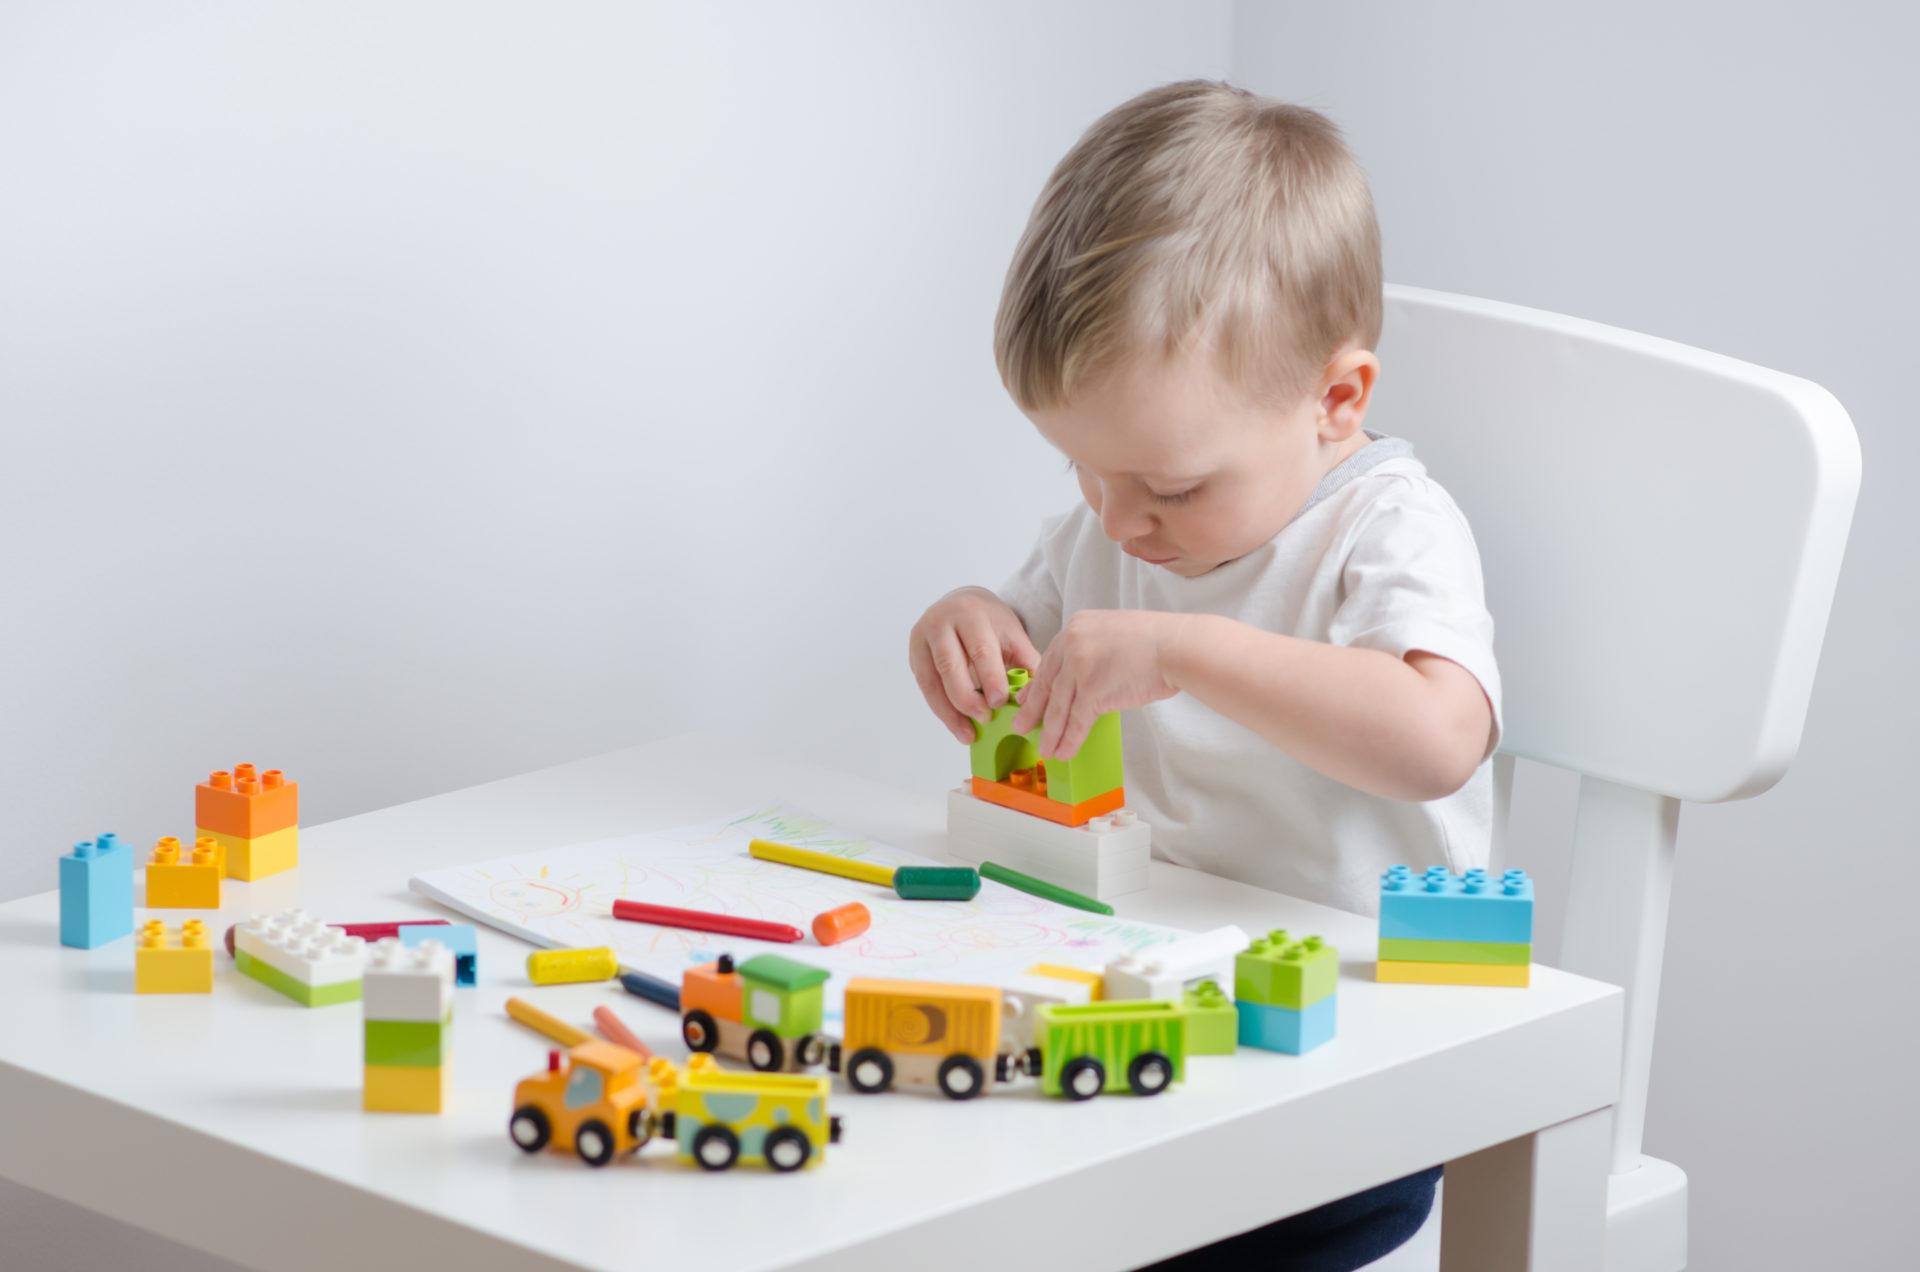 Motricité Jeux Et Jouets, Idées Cadeaux Pour Enfant De 12 encequiconcerne Jeux Pour Bébé 2 Ans